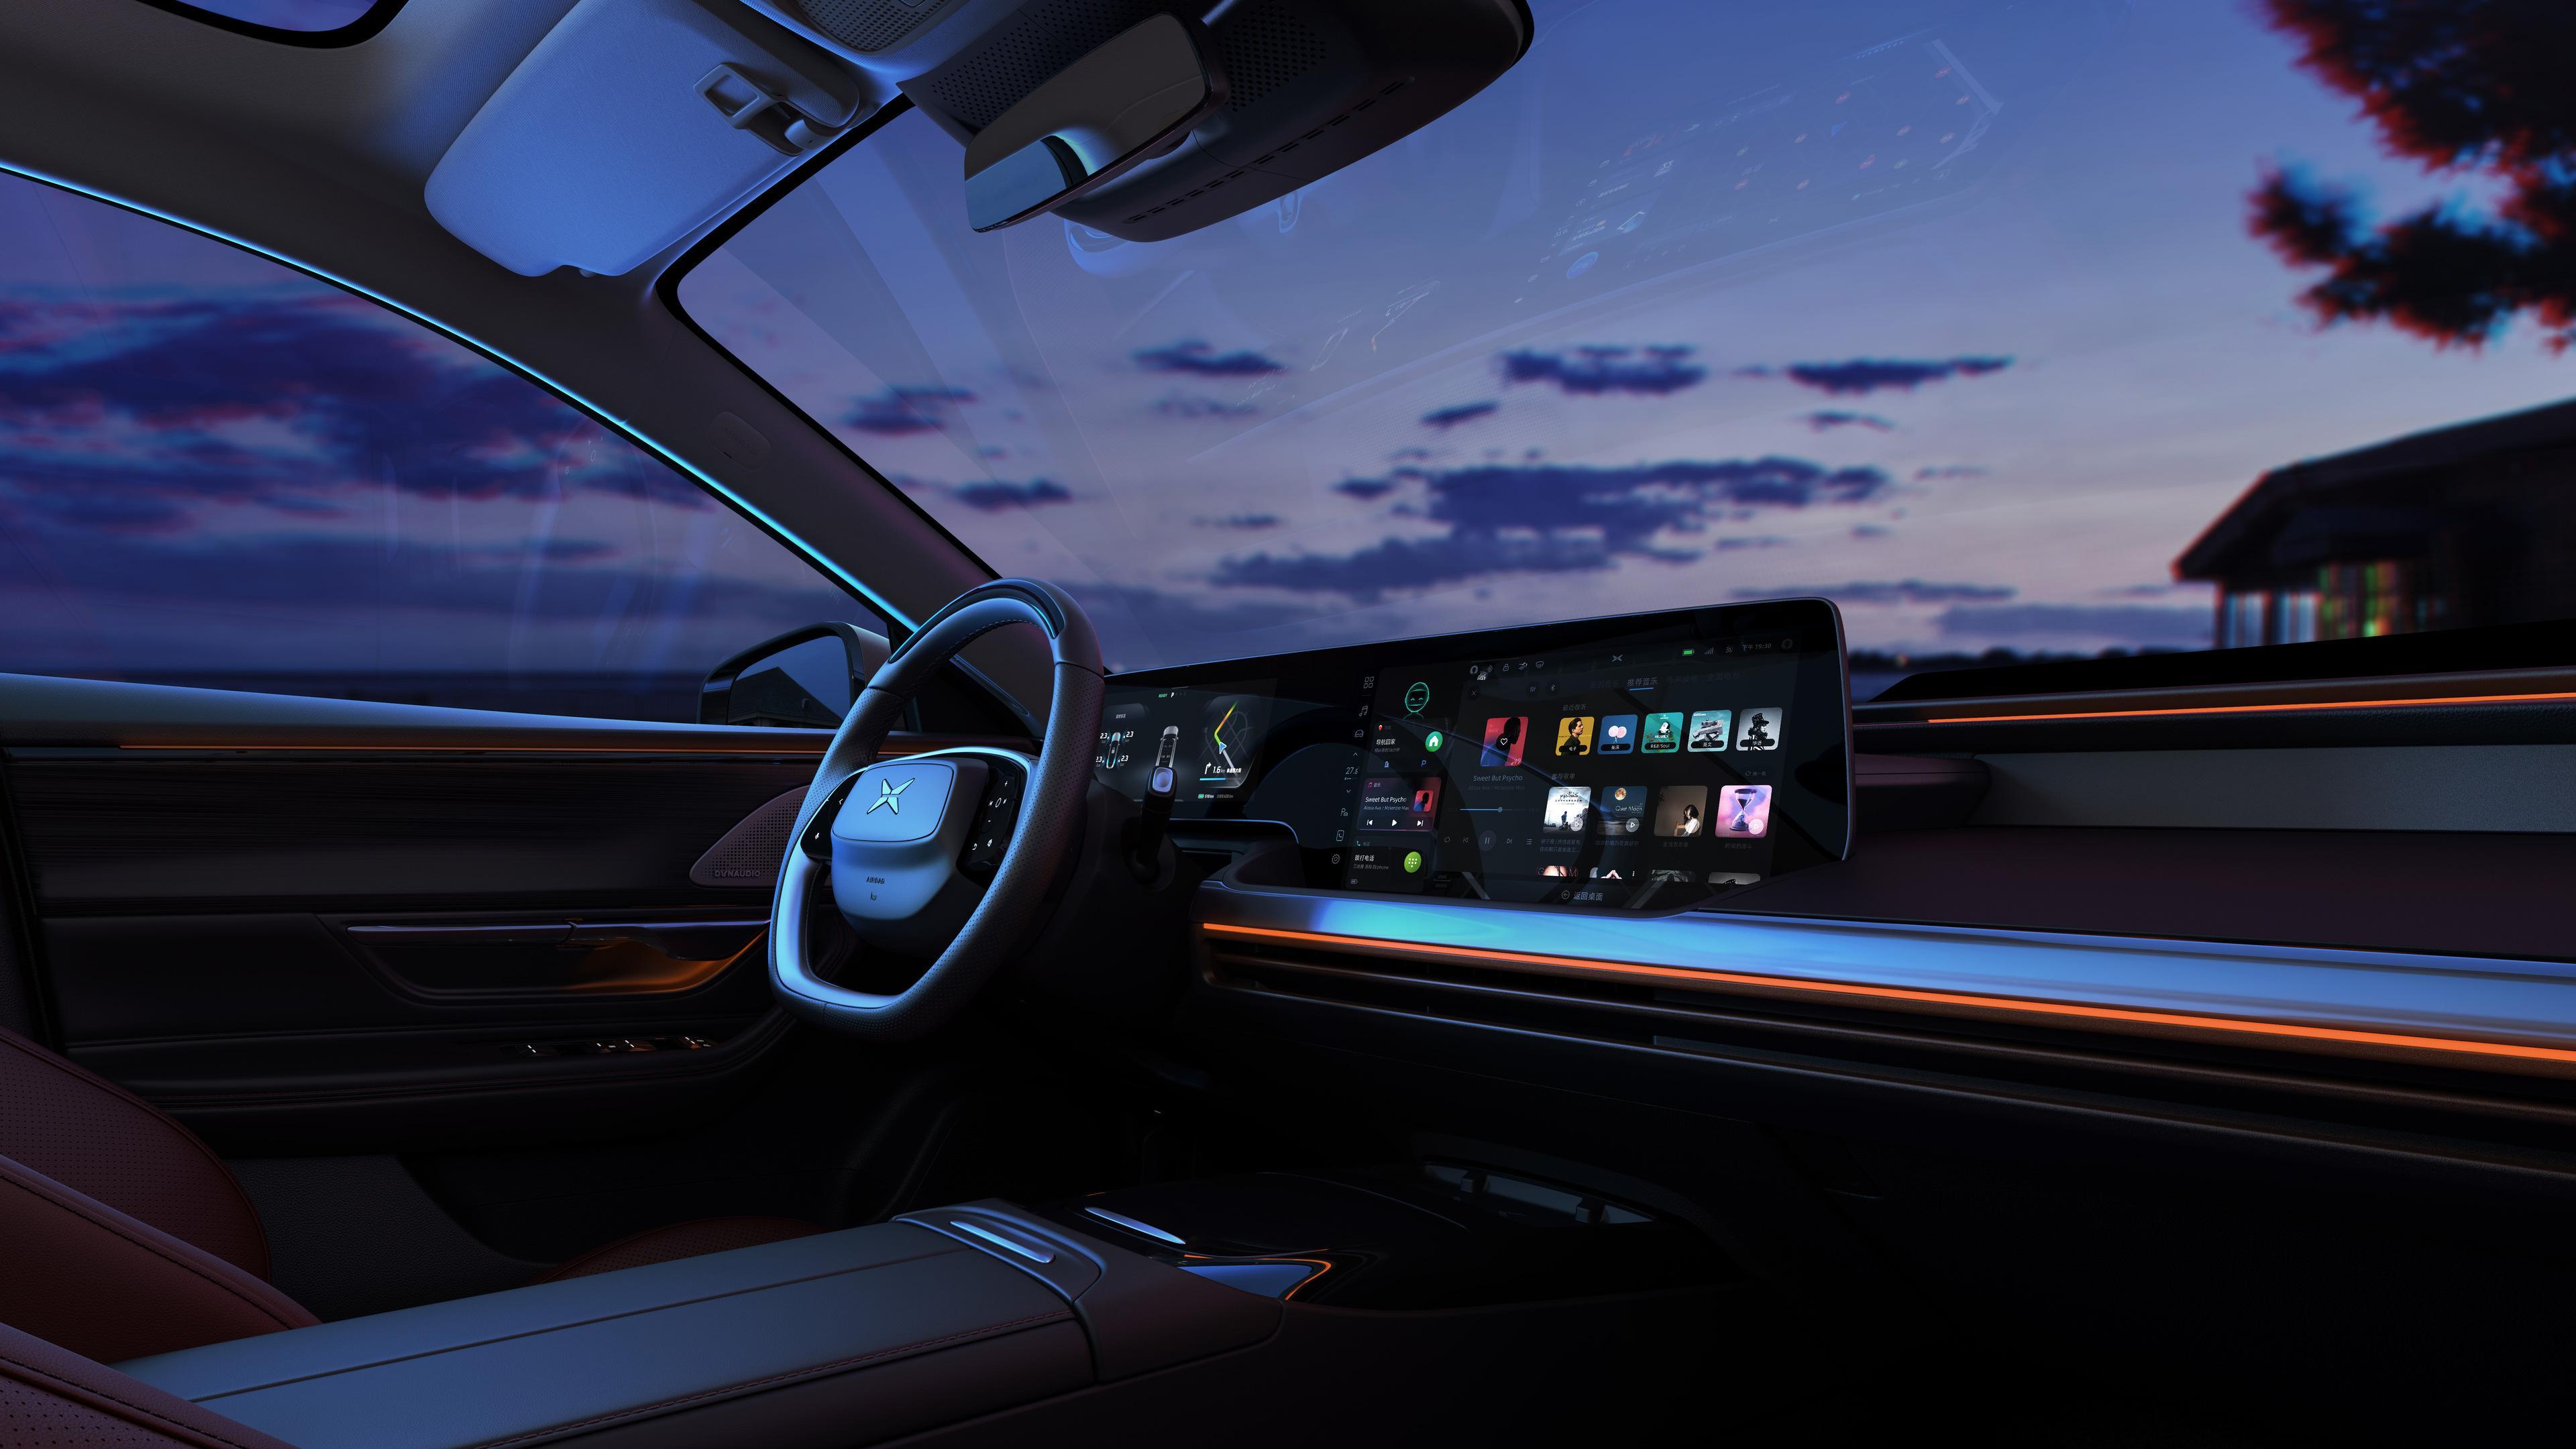 国内自动驾驶公司中获得的单笔最大融资完成!